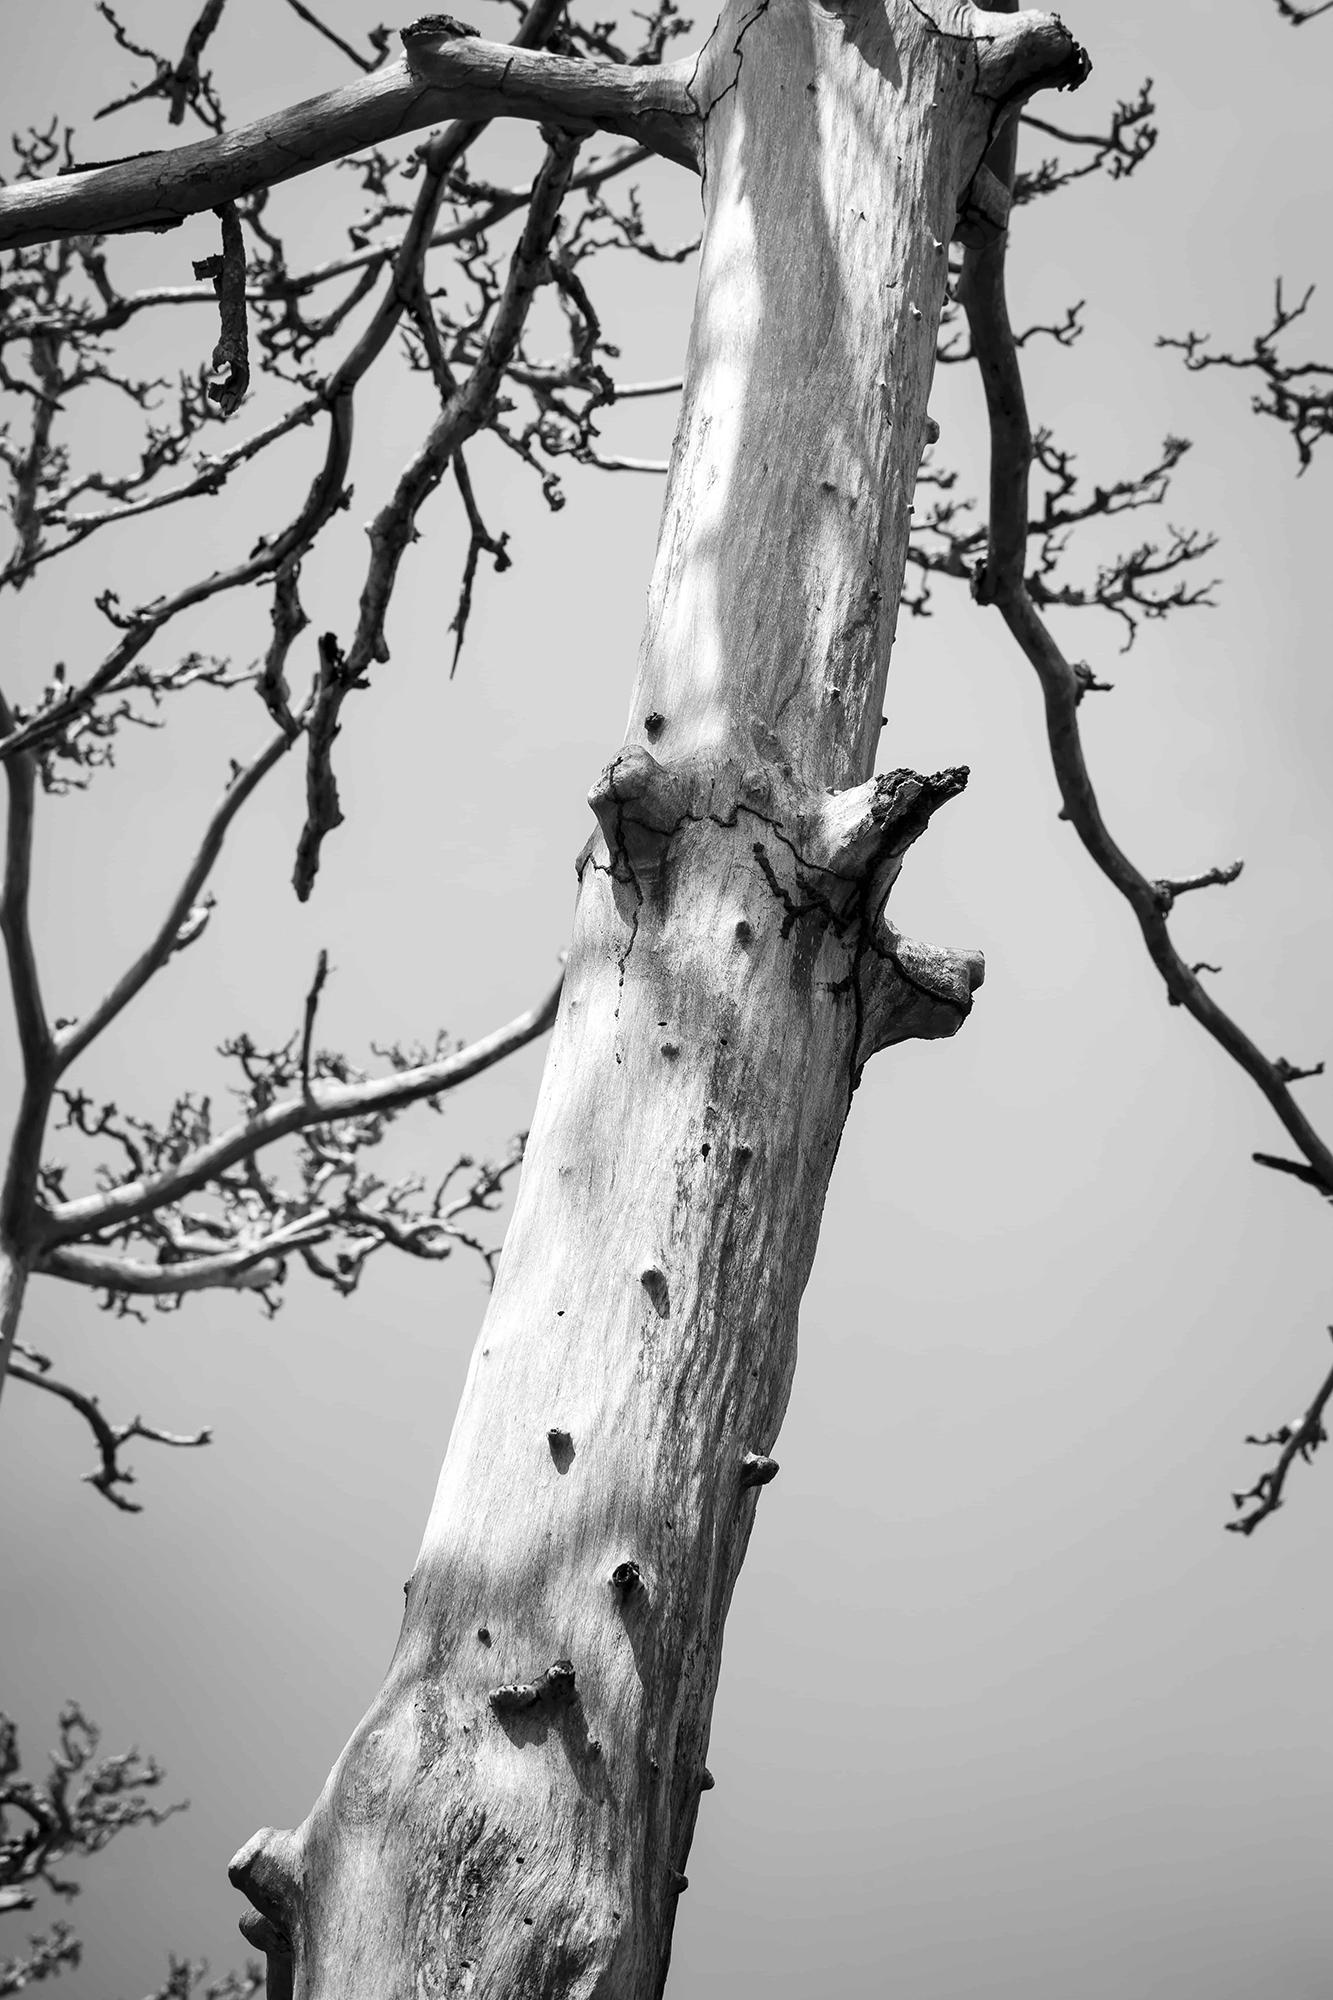 arbre détail tronc zanzibar noir et blanc